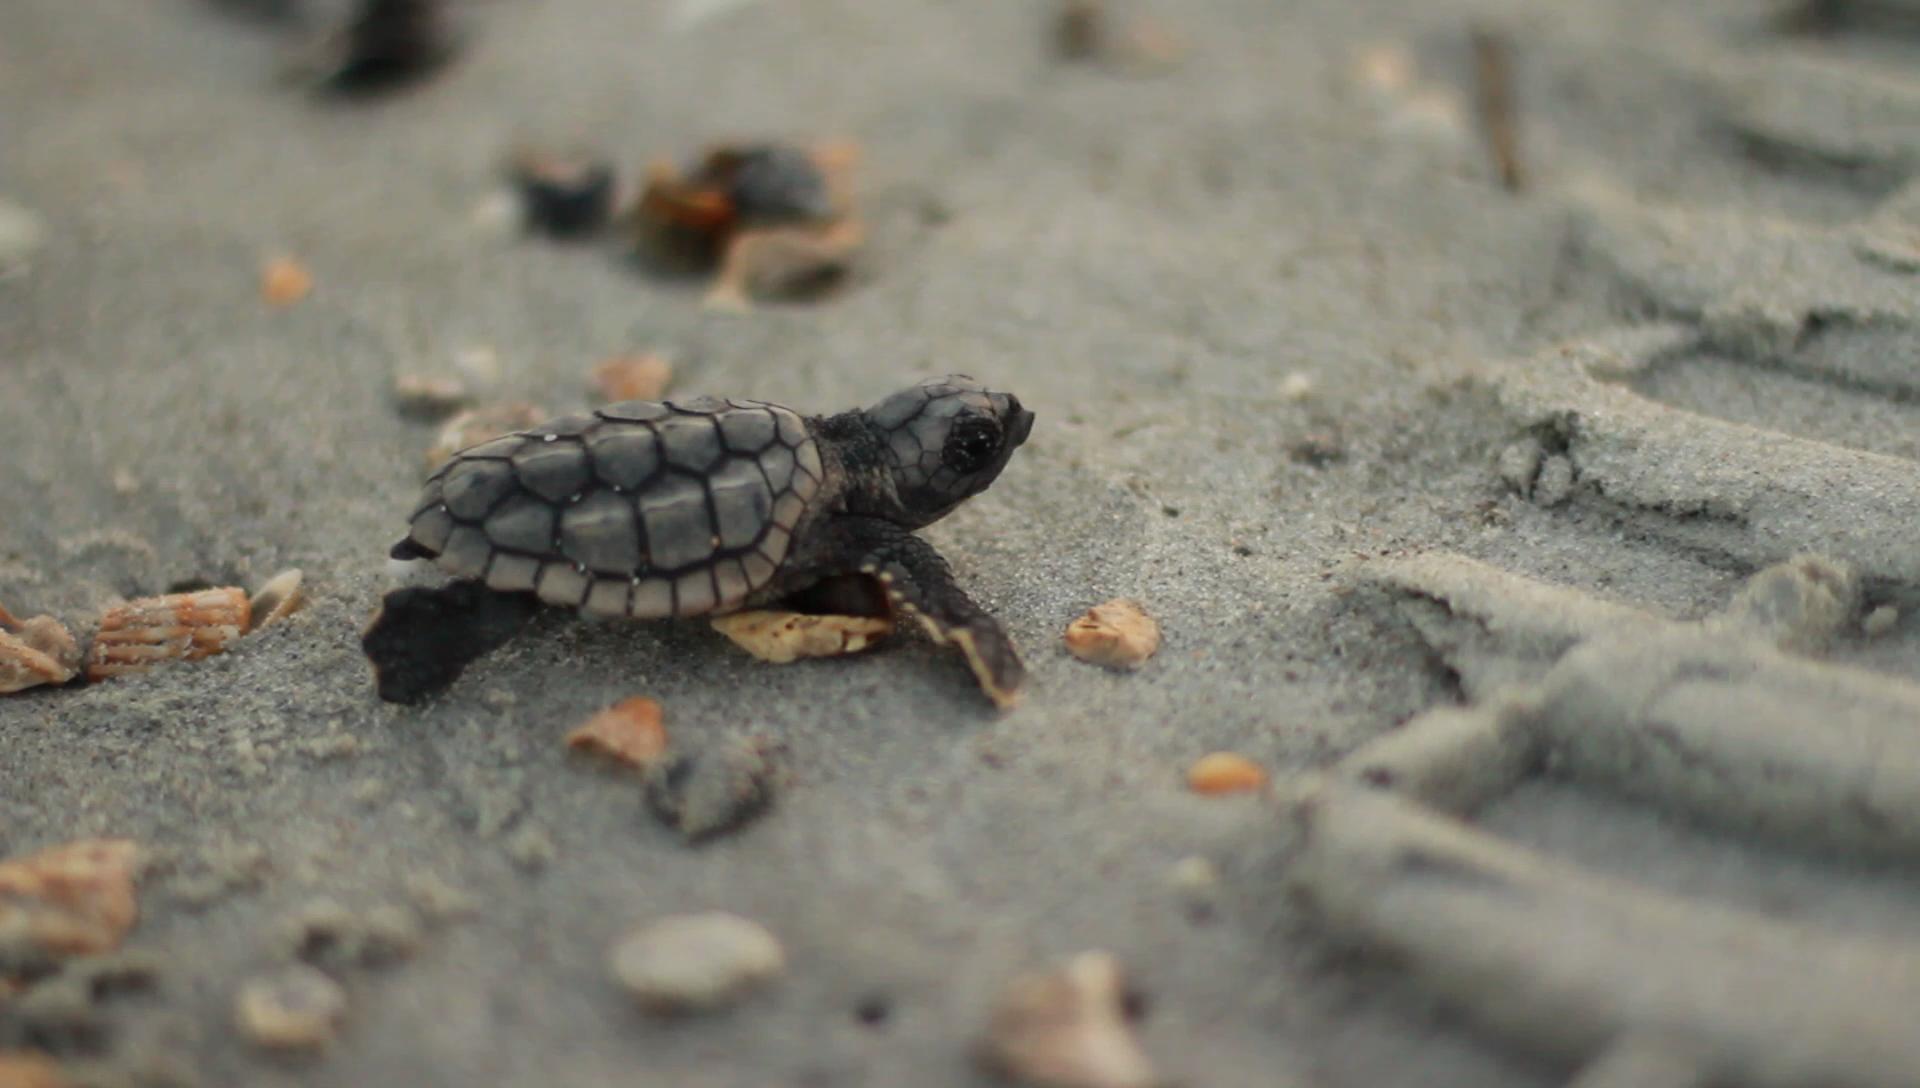 Физика в мире животных: морские черепахи и их «компас» - 3